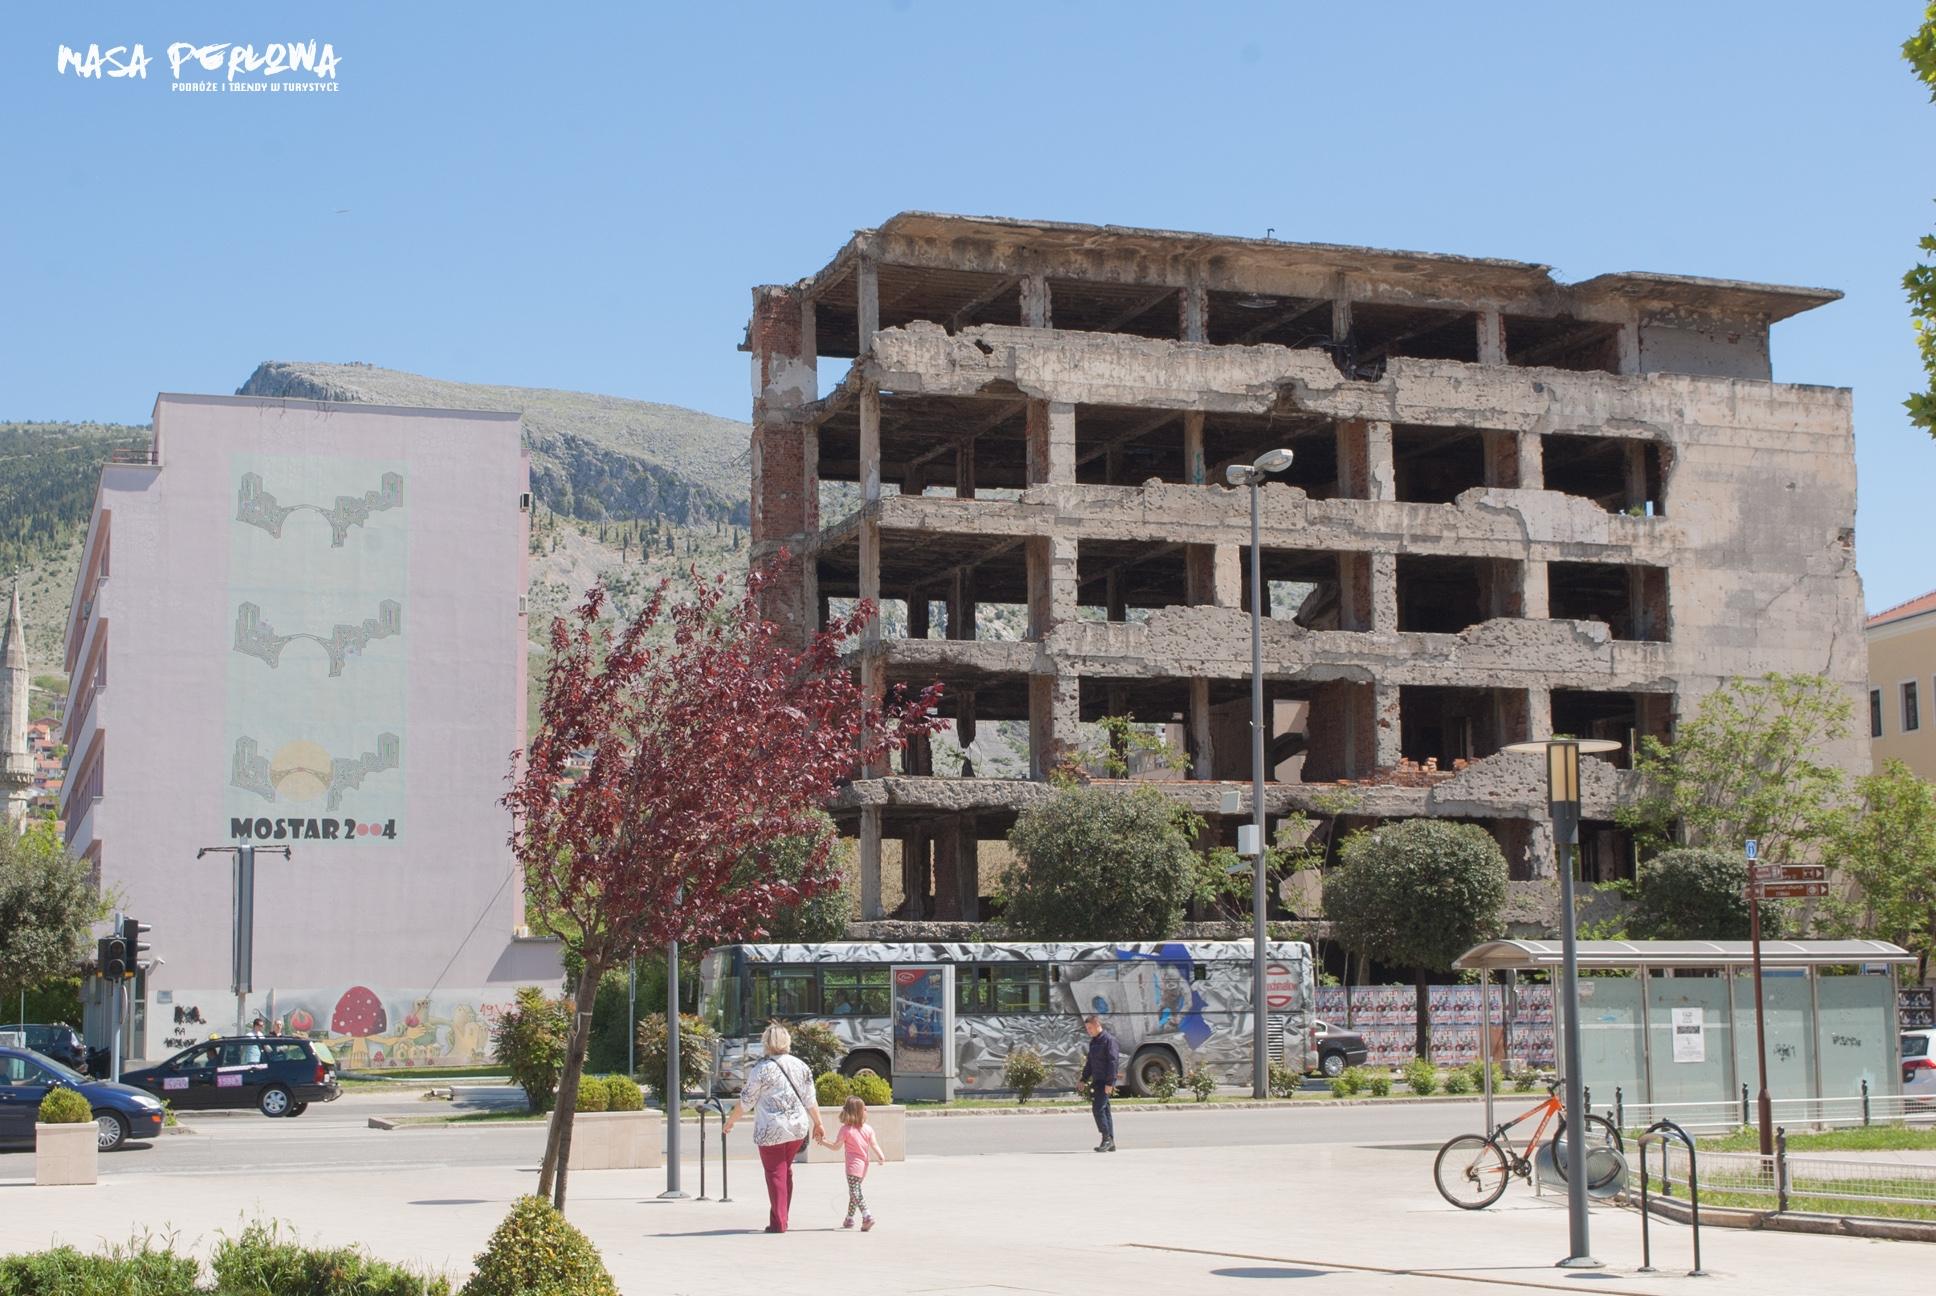 Mostar zniszczony budynek